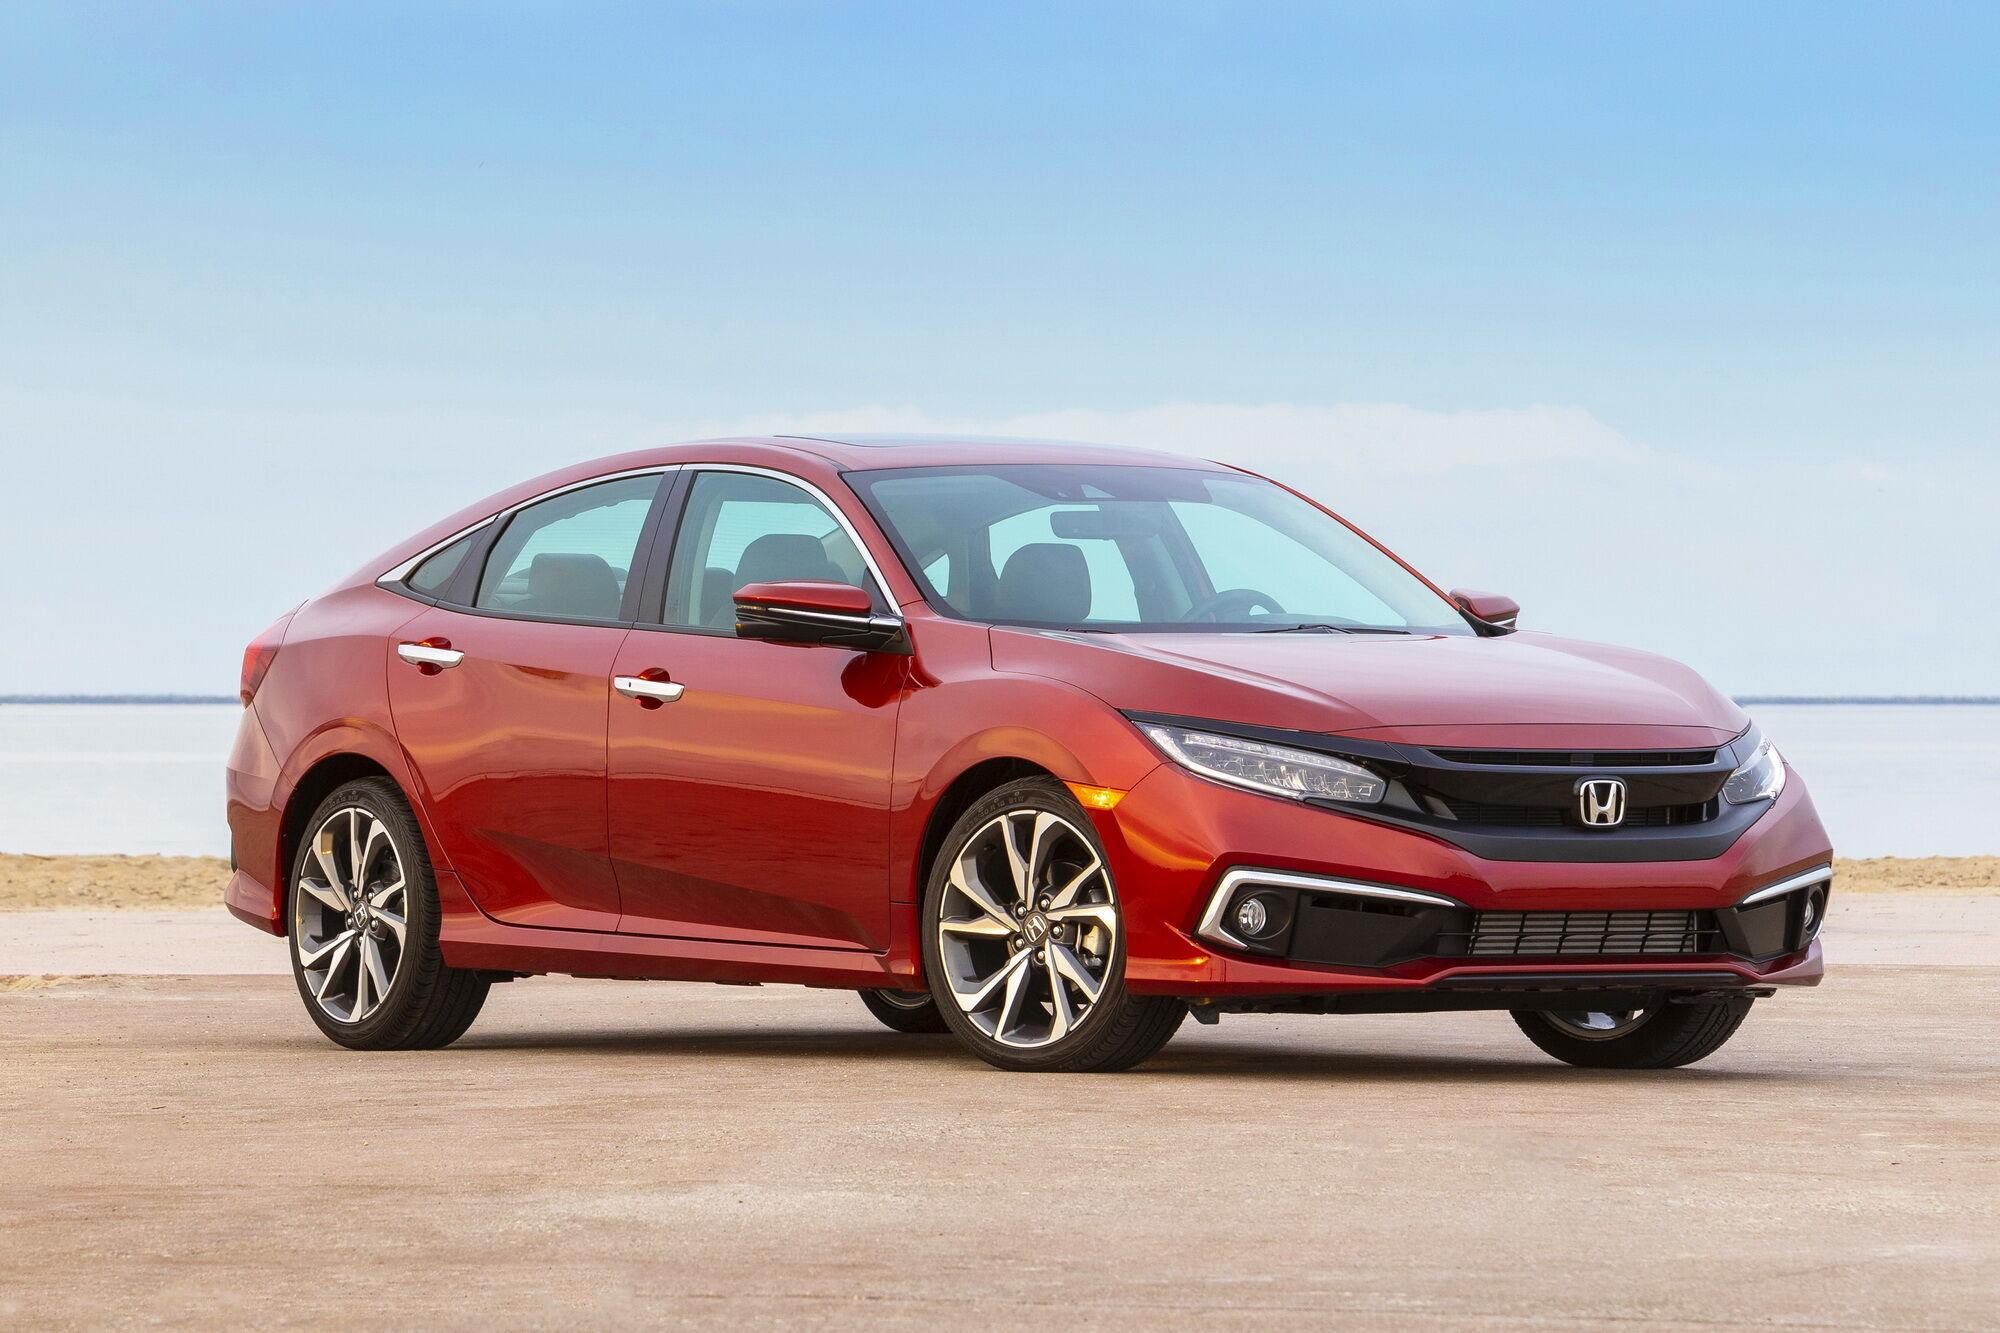 Honda Civic є лідером продажів серед легкових автомобілів